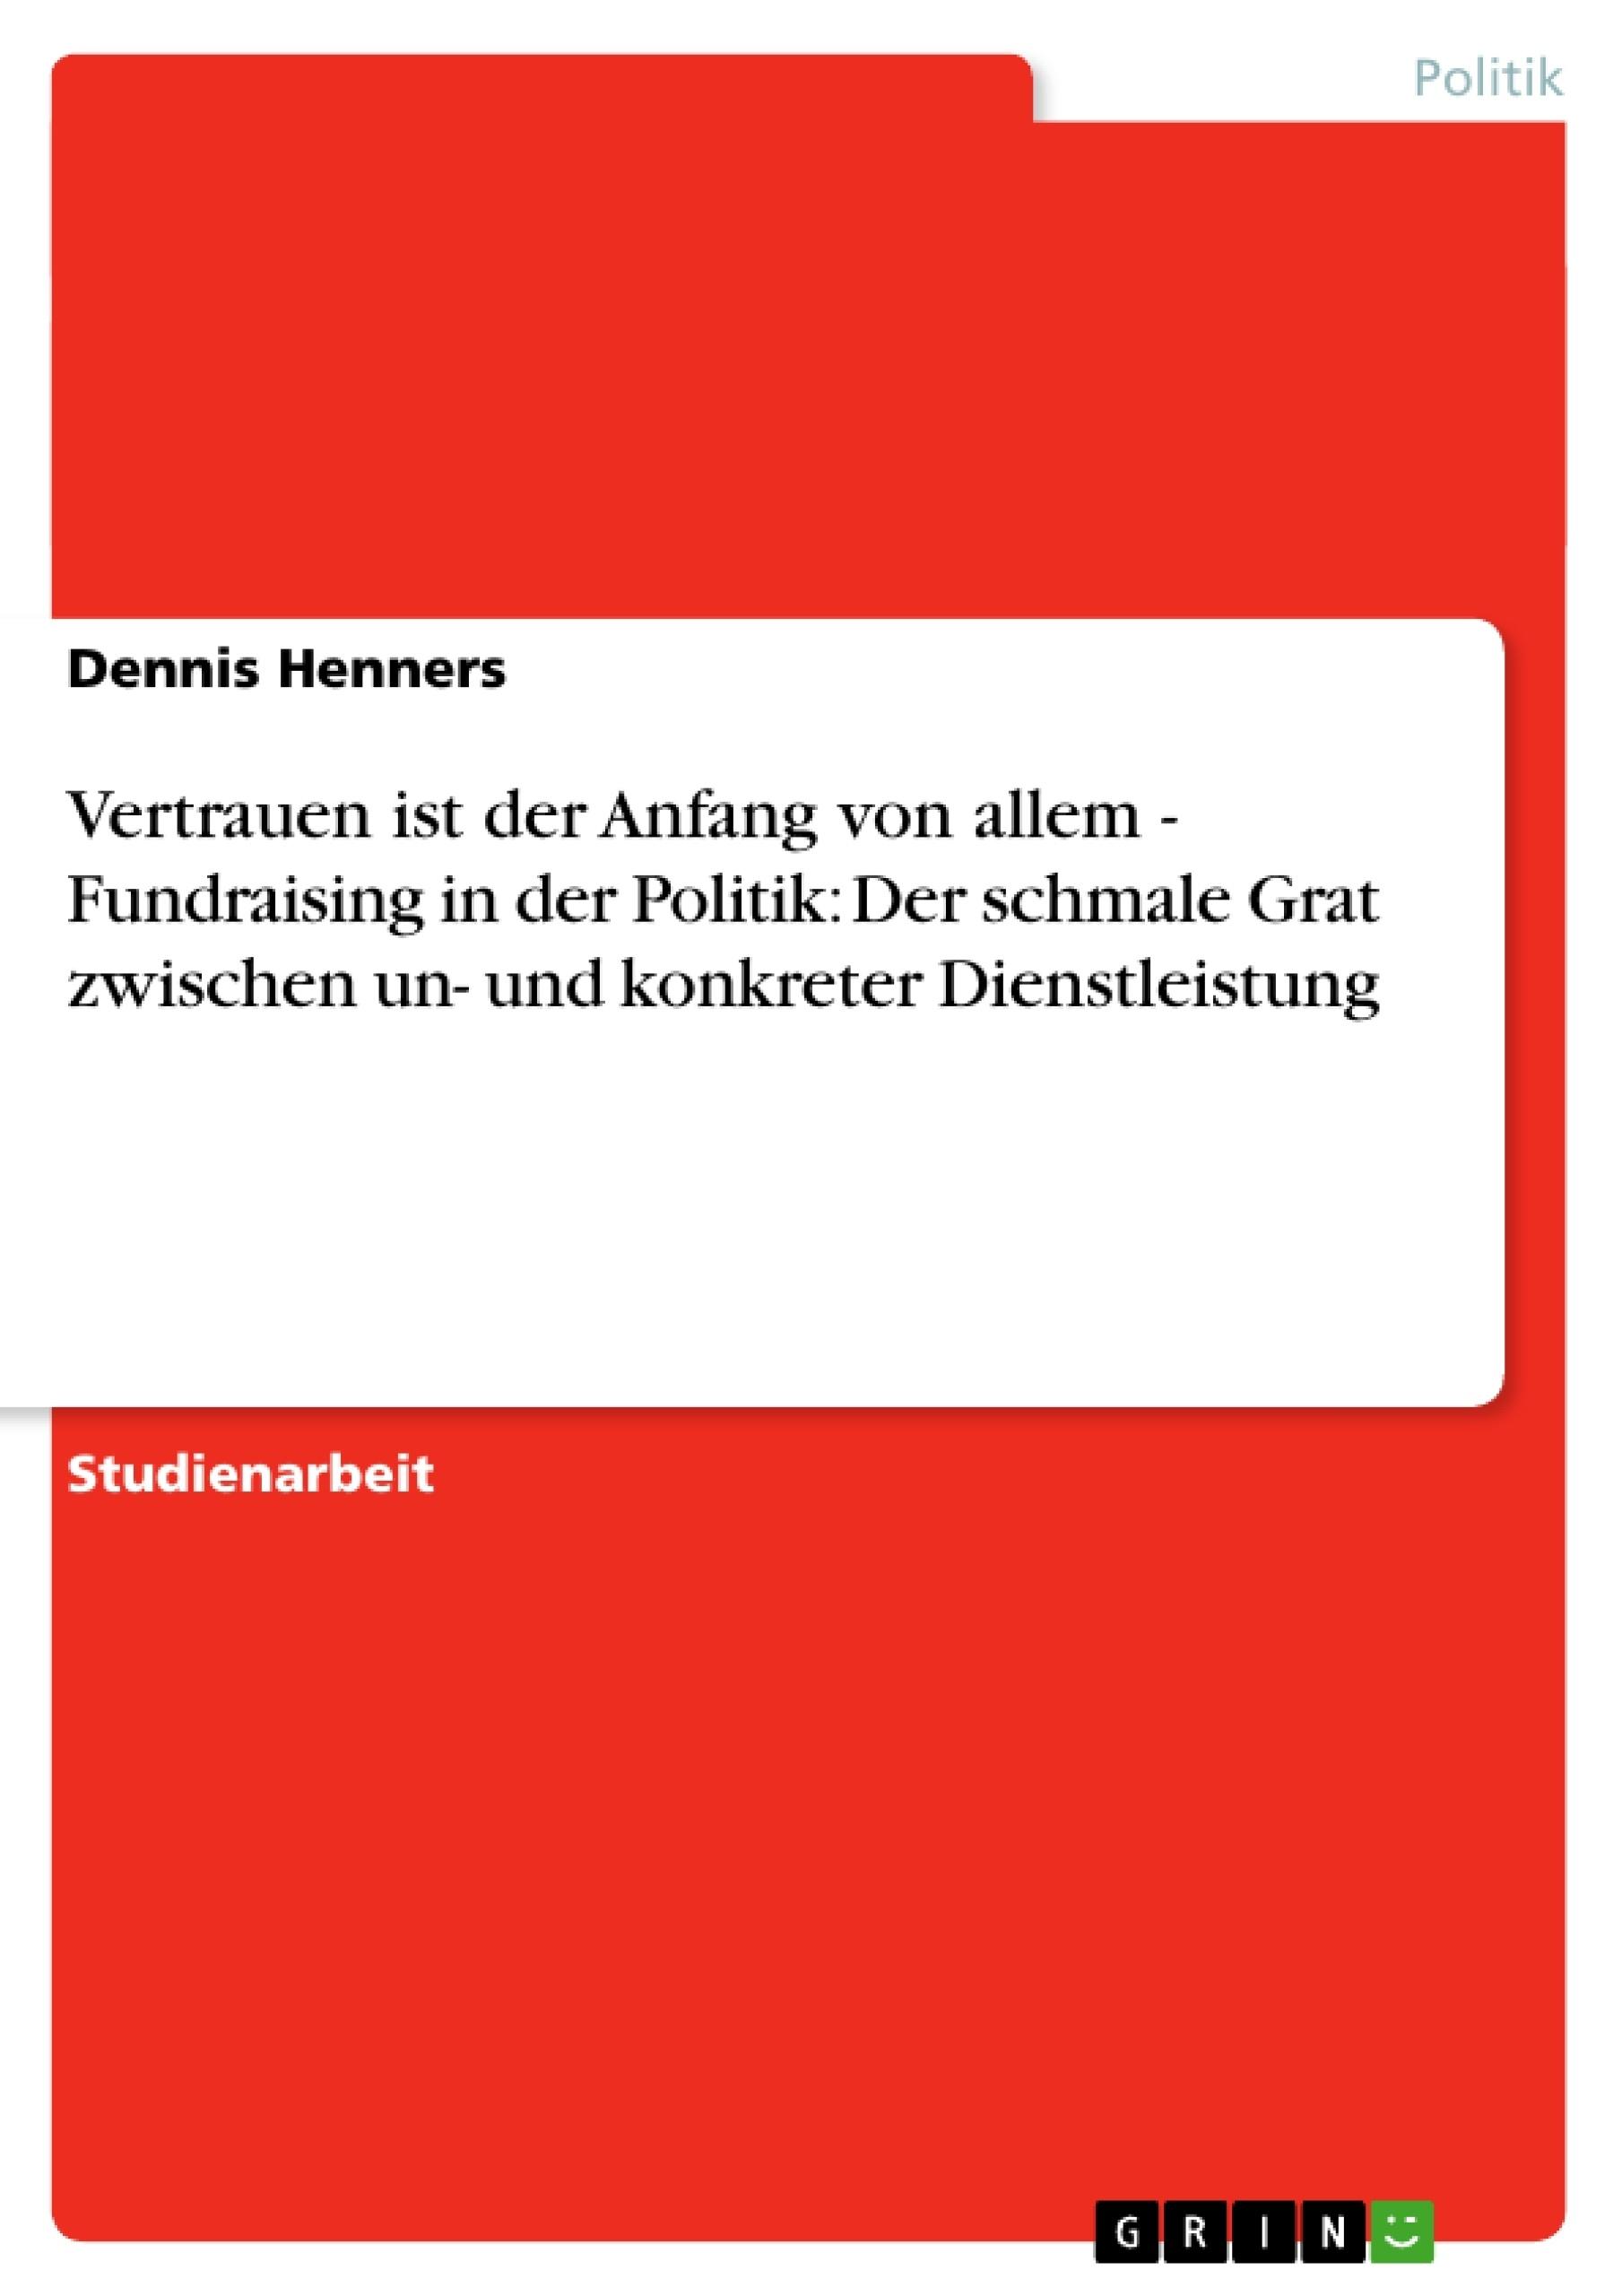 Titel: Vertrauen ist der Anfang von allem - Fundraising in der Politik: Der schmale Grat zwischen un- und konkreter Dienstleistung